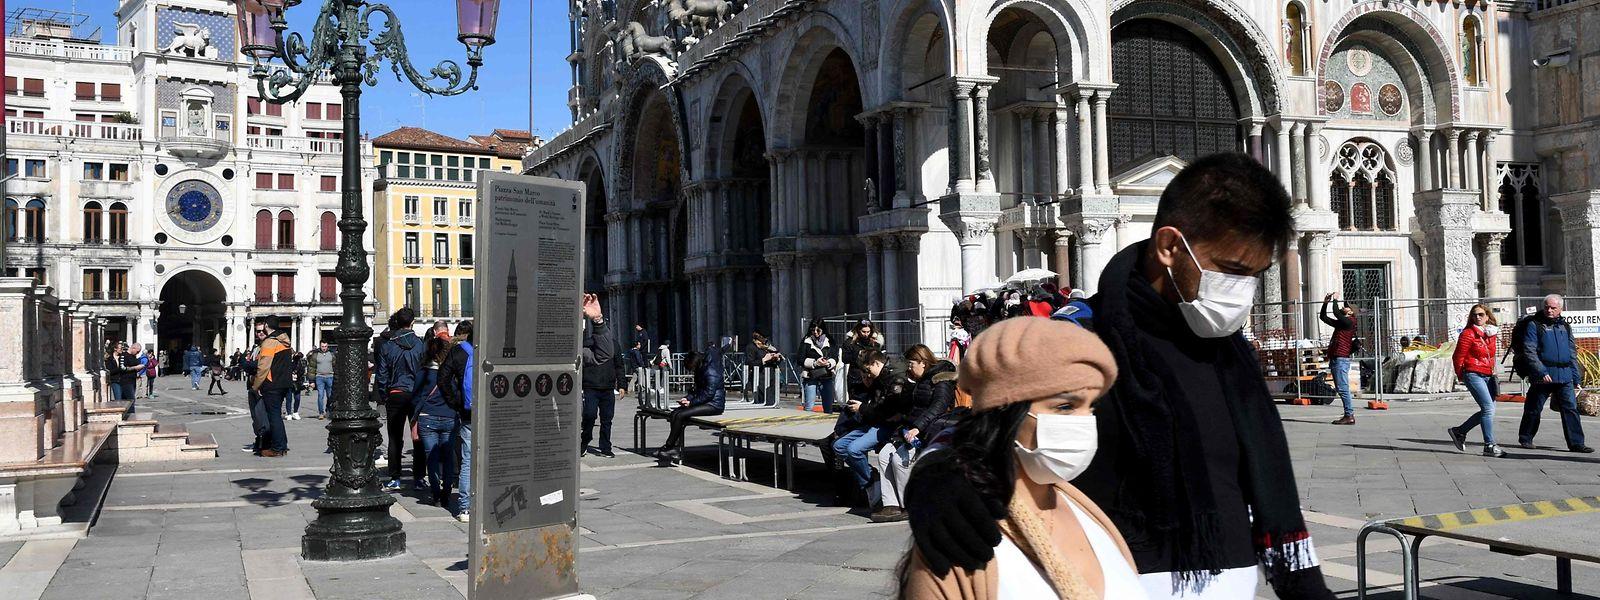 Les derniers visiteurs ont pu découvrir Venise sans la foule. Mais désormais les déplacements de la population comme des touristes sont restreints.